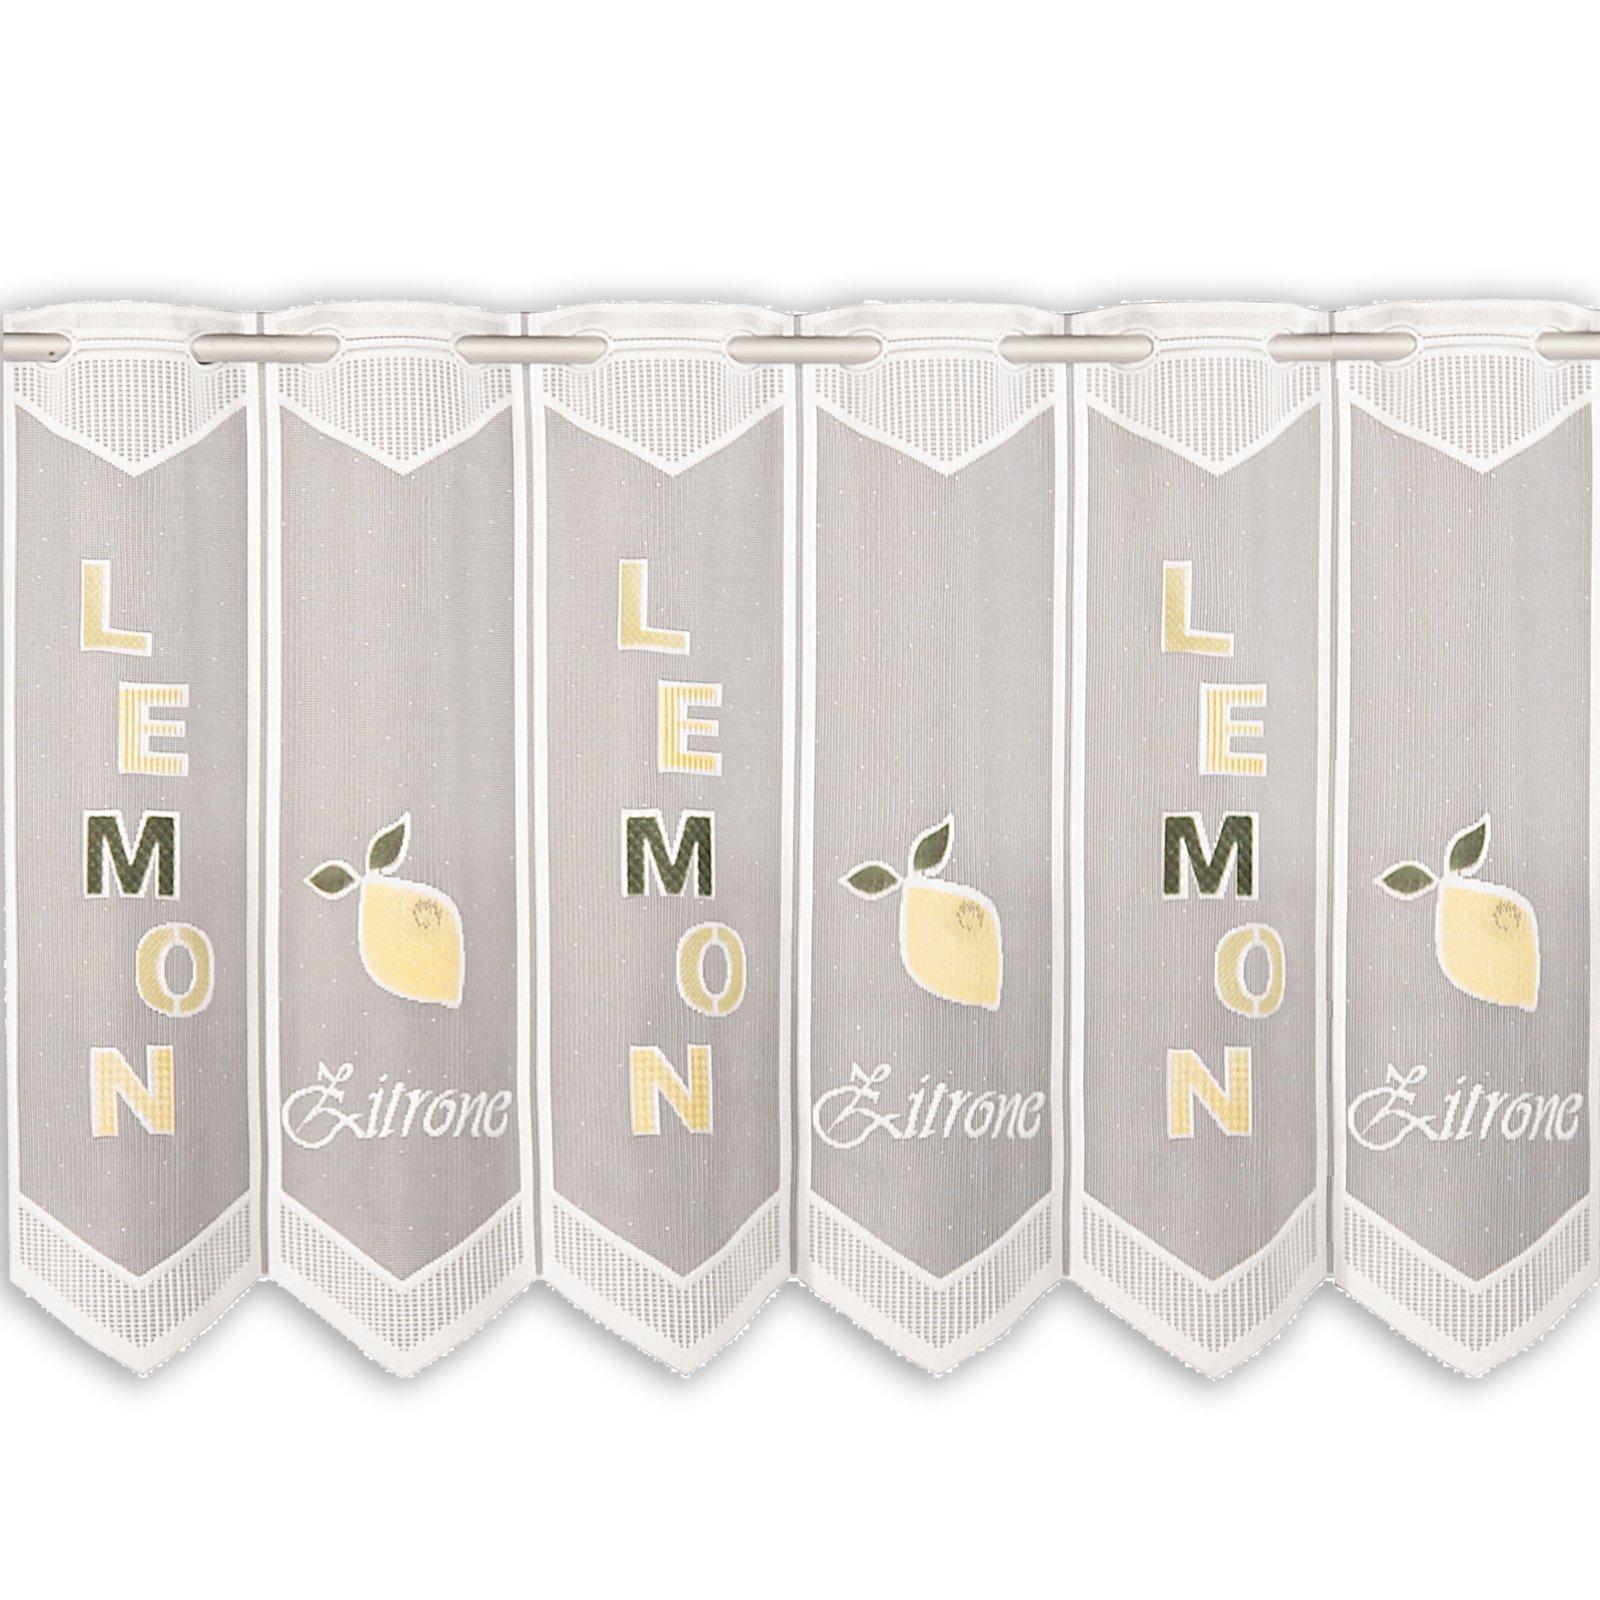 scheibengardine zitrone gelb gr n 150x45 cm. Black Bedroom Furniture Sets. Home Design Ideas